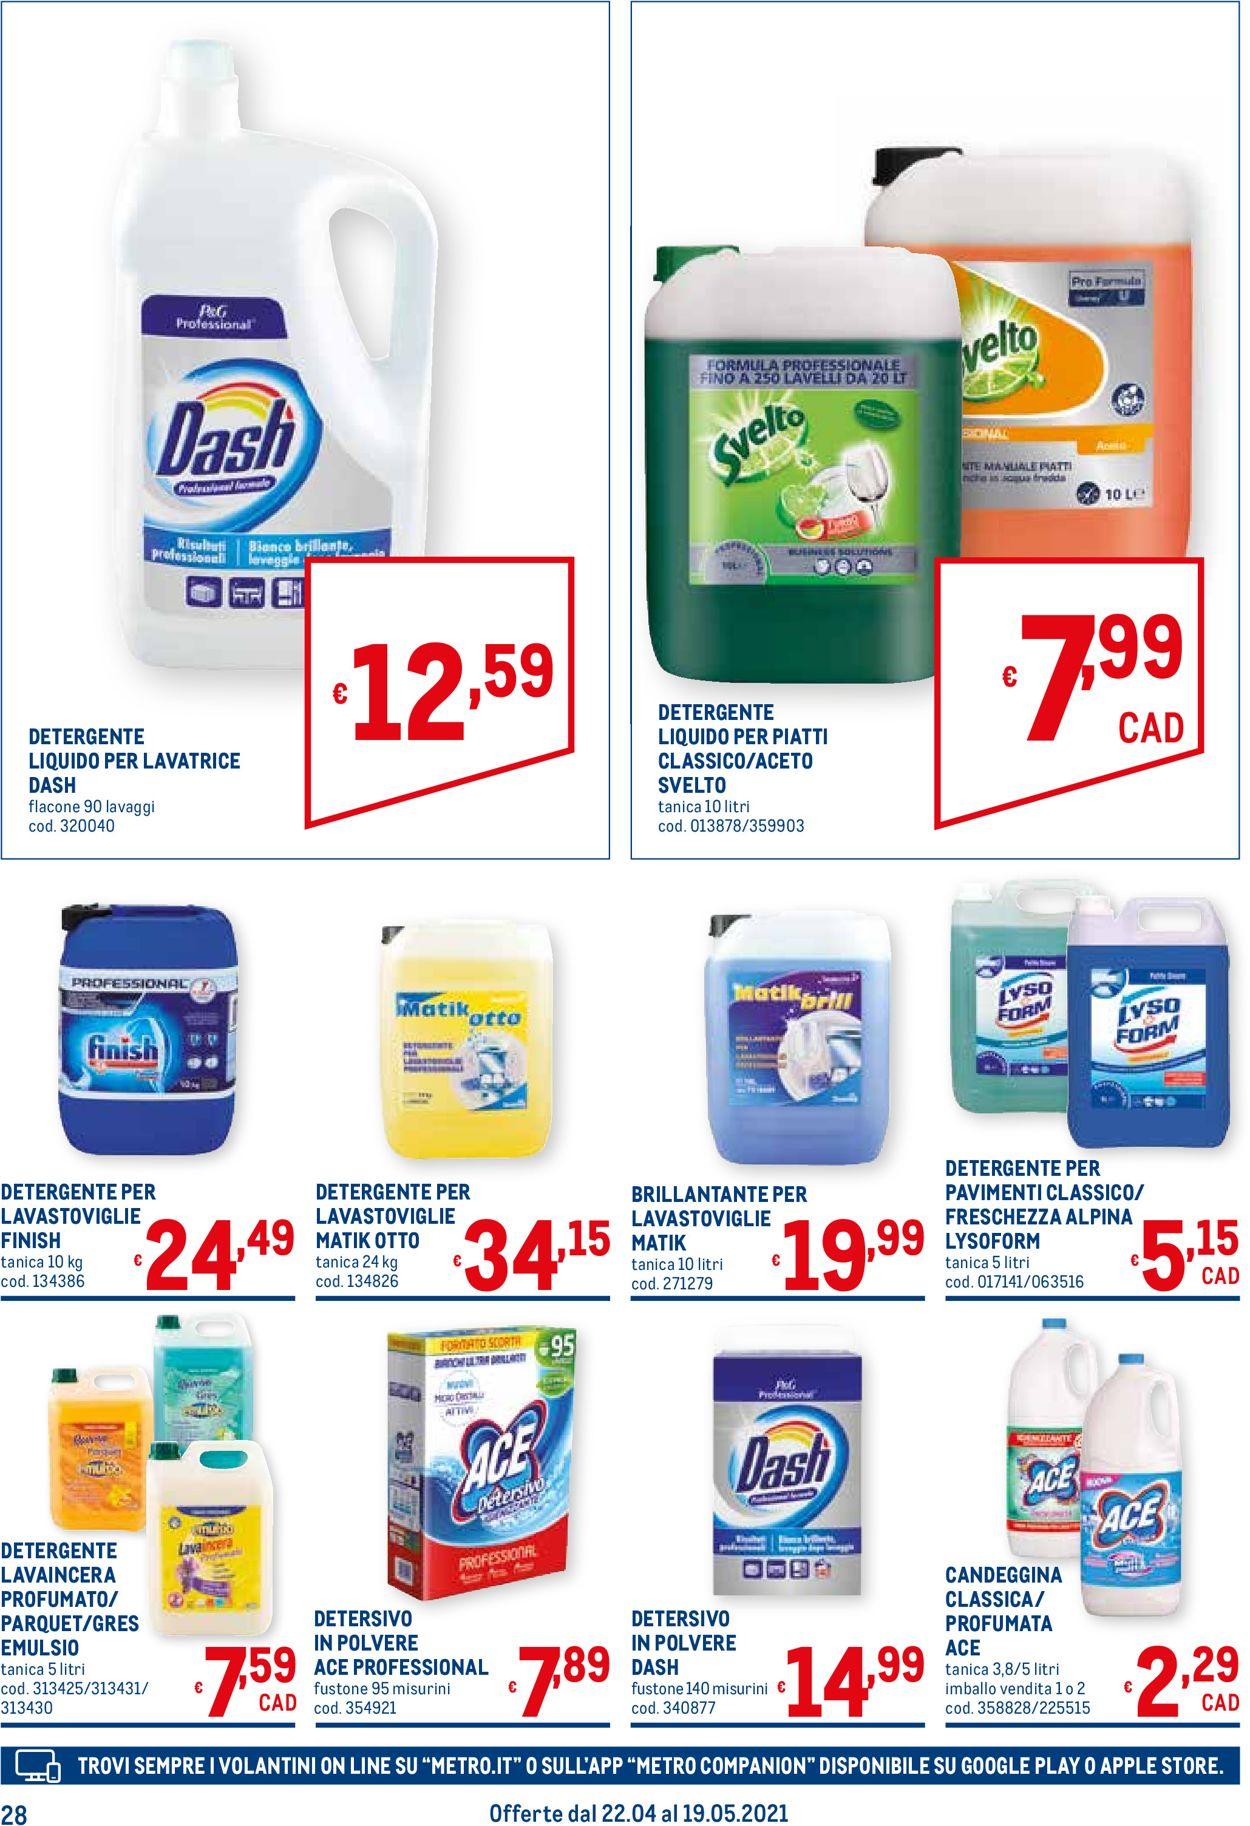 Volantino Metro - Offerte 22/04-19/05/2021 (Pagina 28)